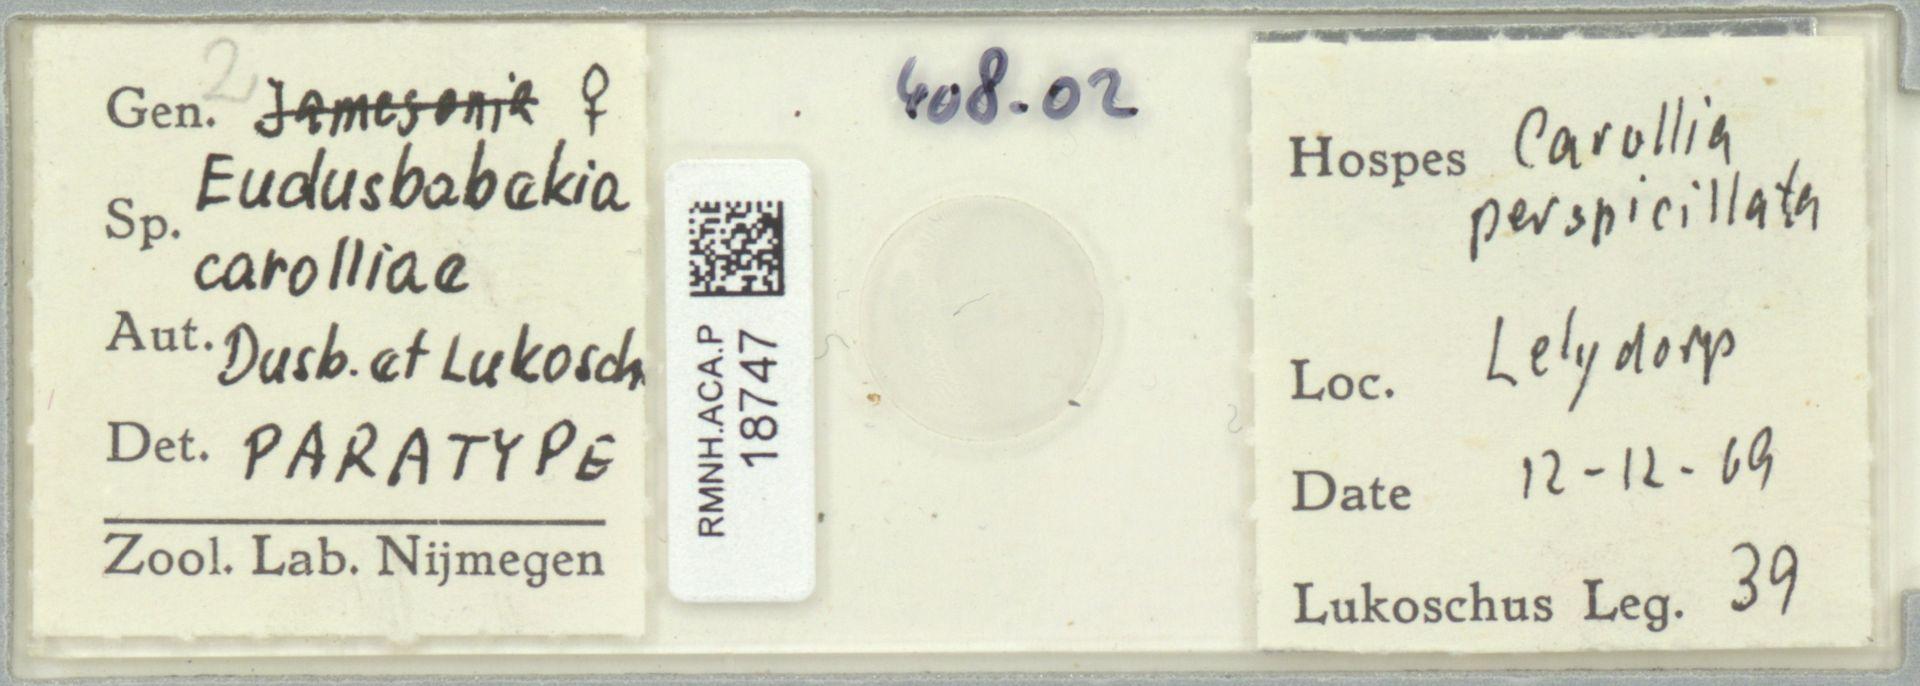 RMNH.ACA.P.18747 | Eudusbabekia carolliae Dusbábek & Lukoschus